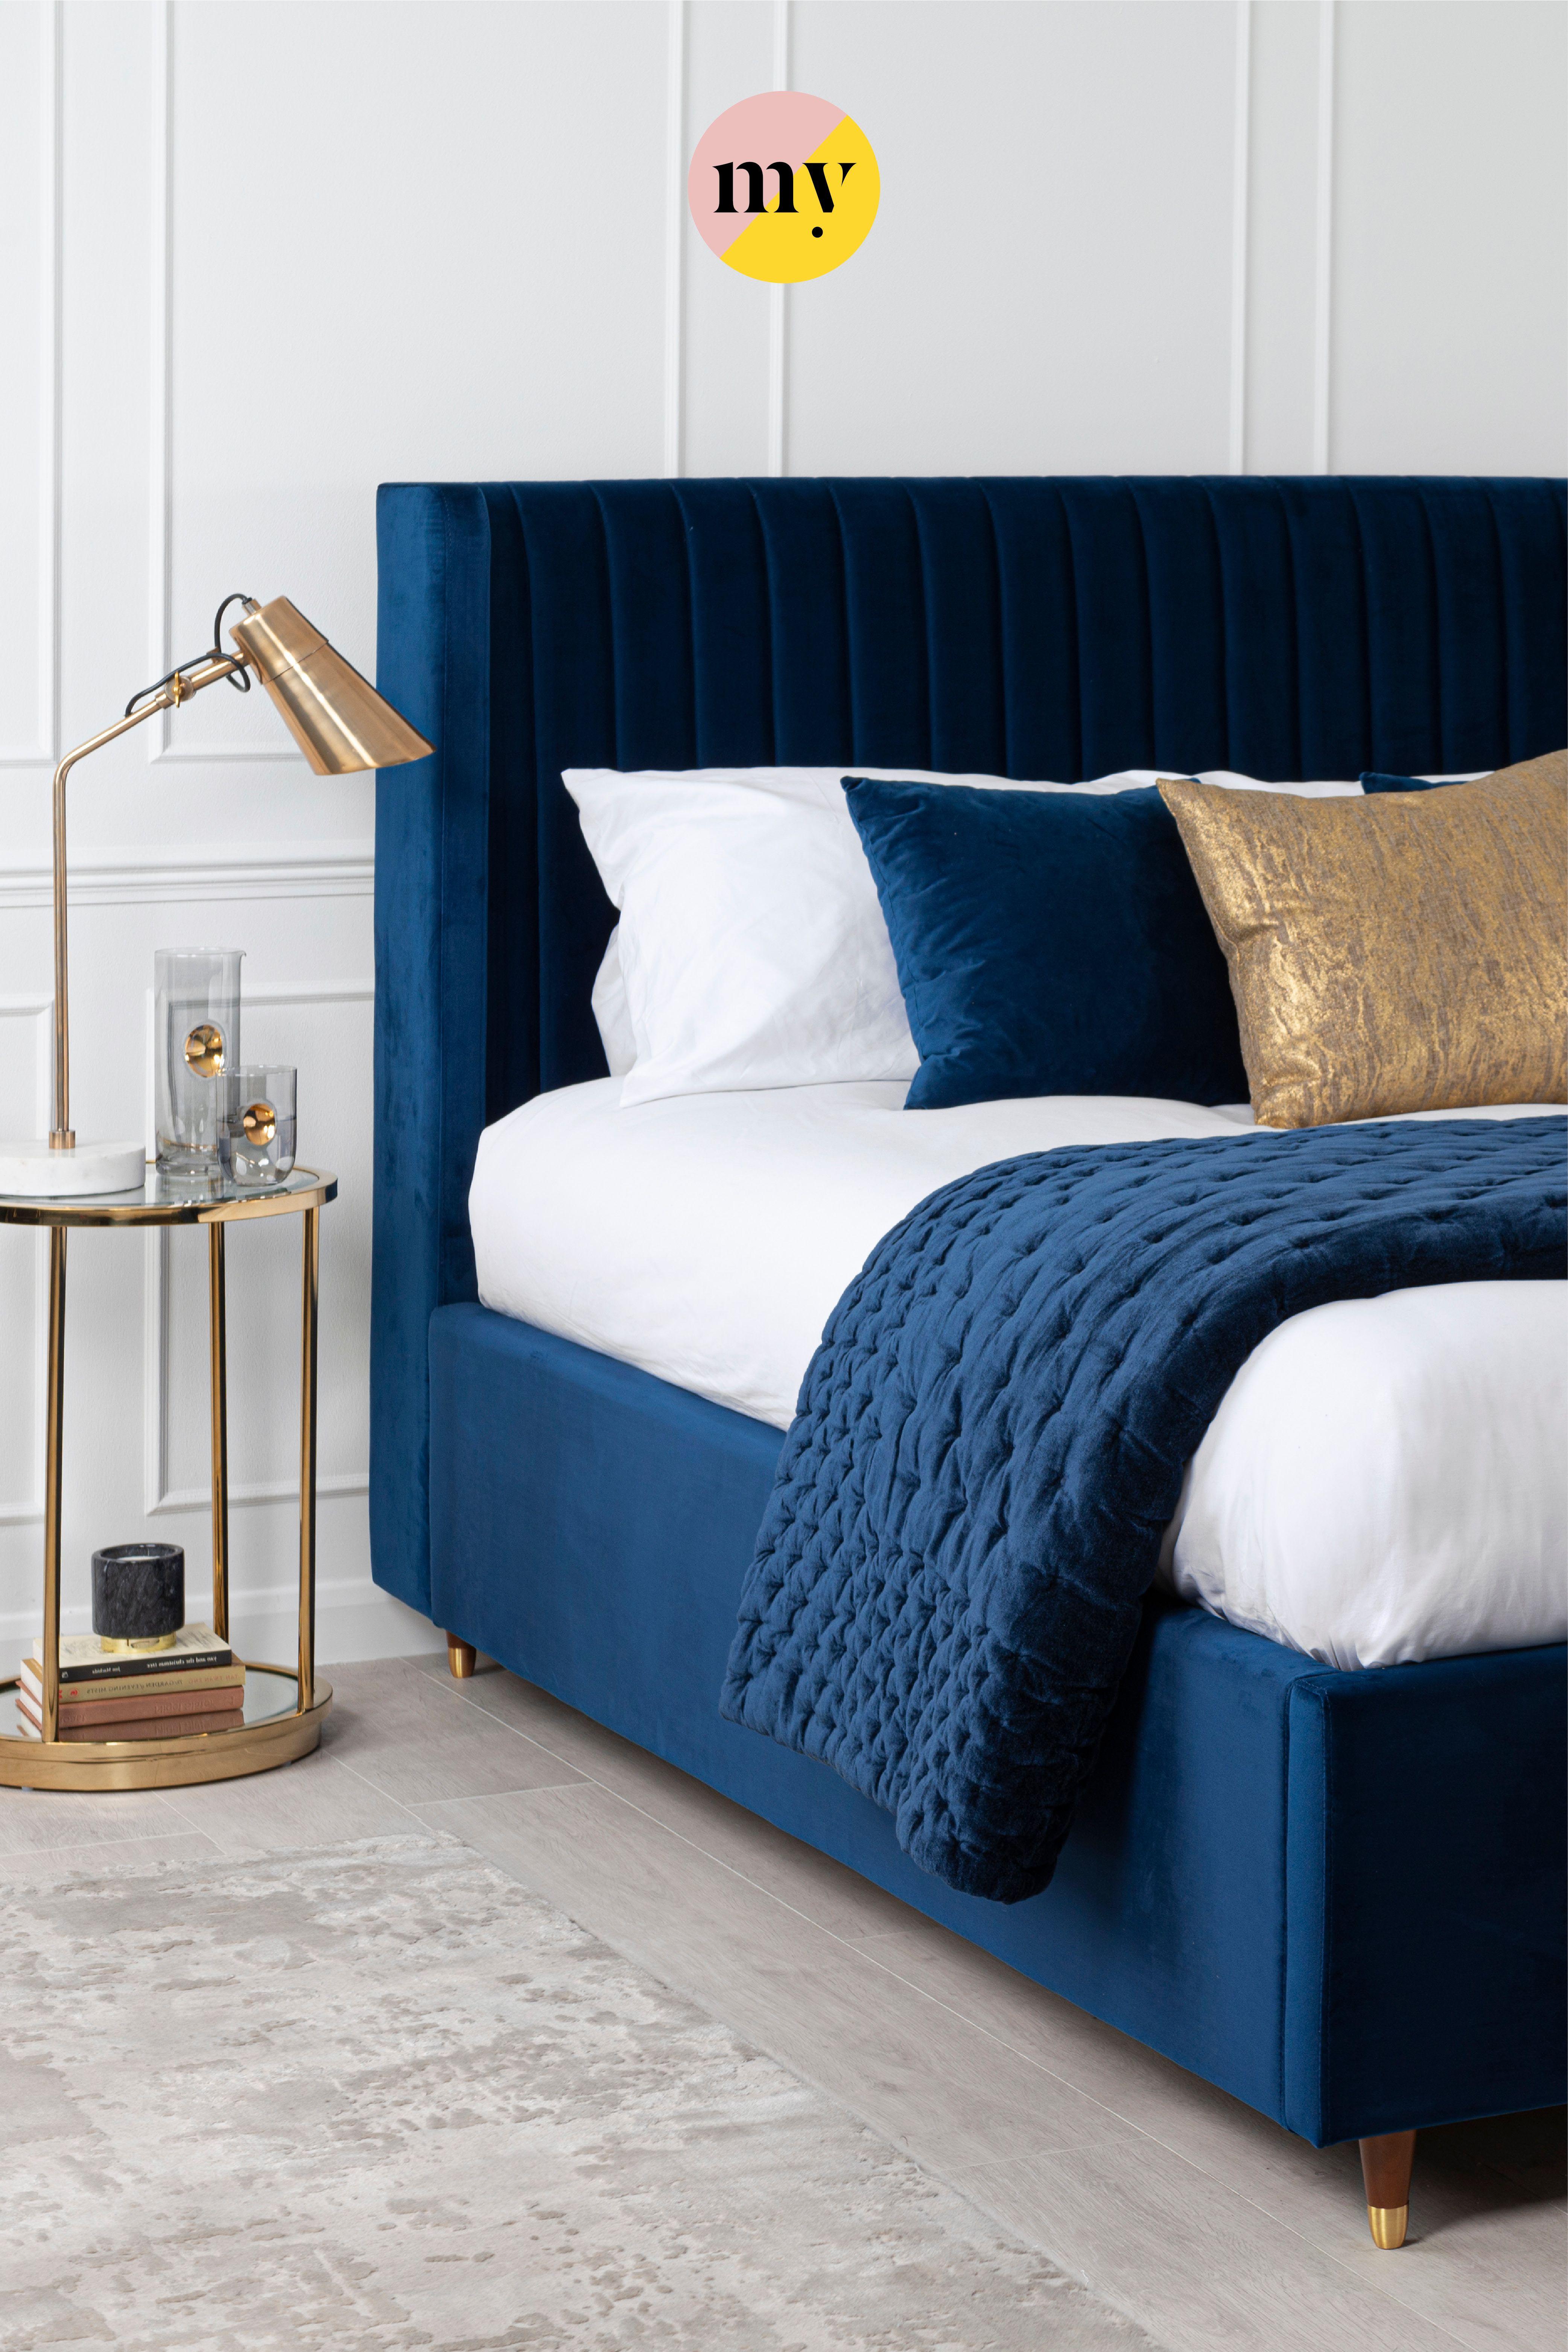 baxter storage bed royal blue bedroom decor furniture design ikea grey futon